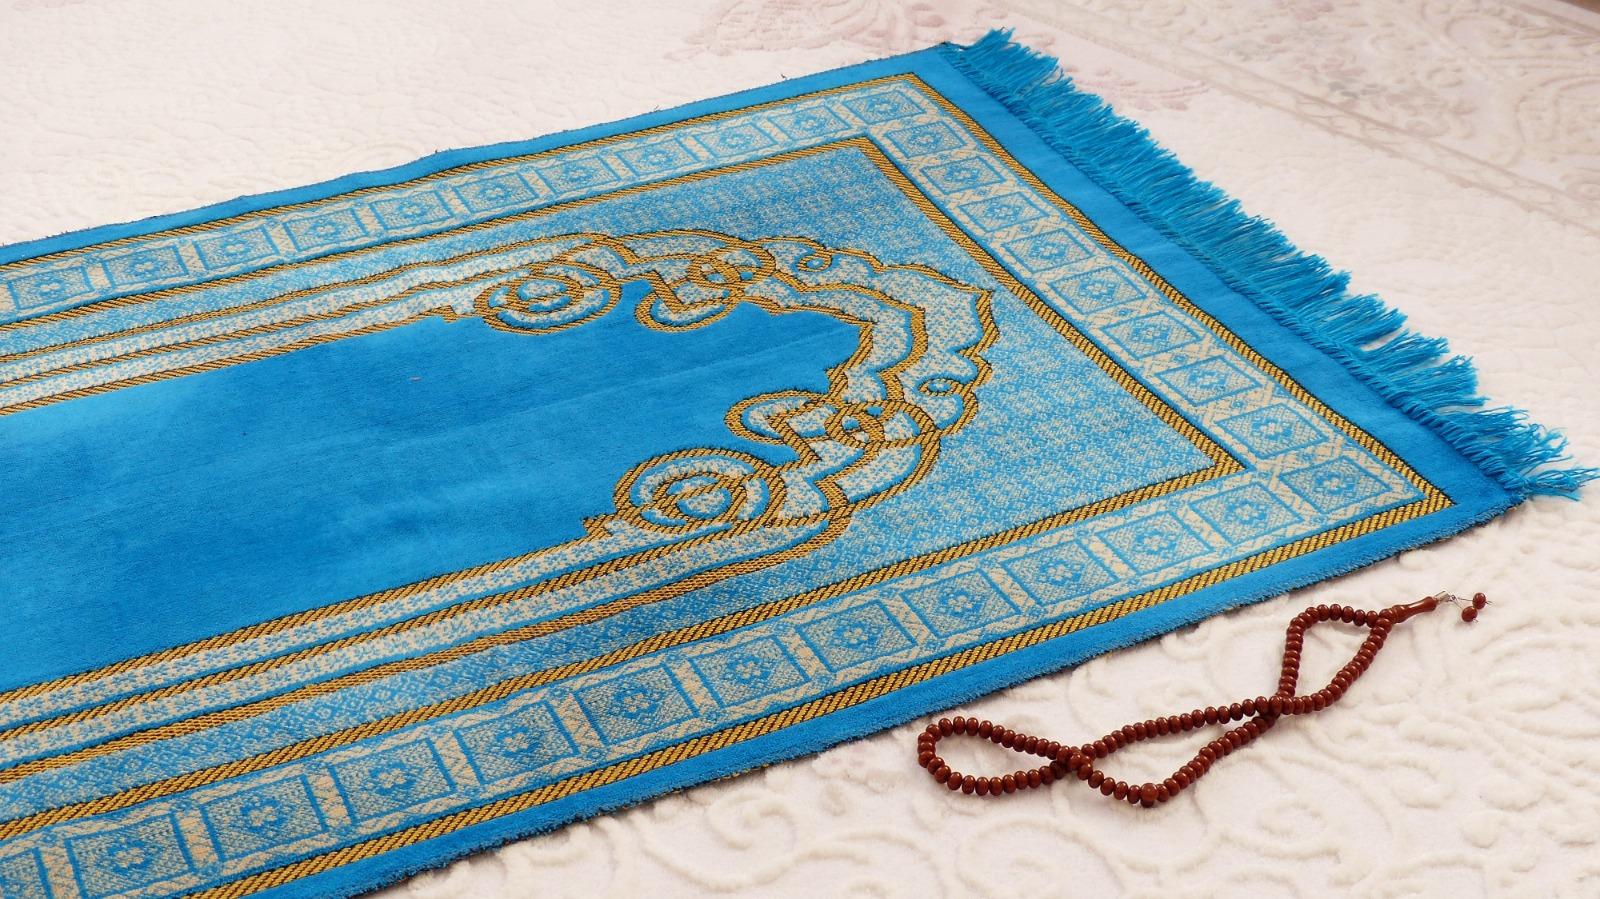 Praying (Make Salah) While Facing the Toilet